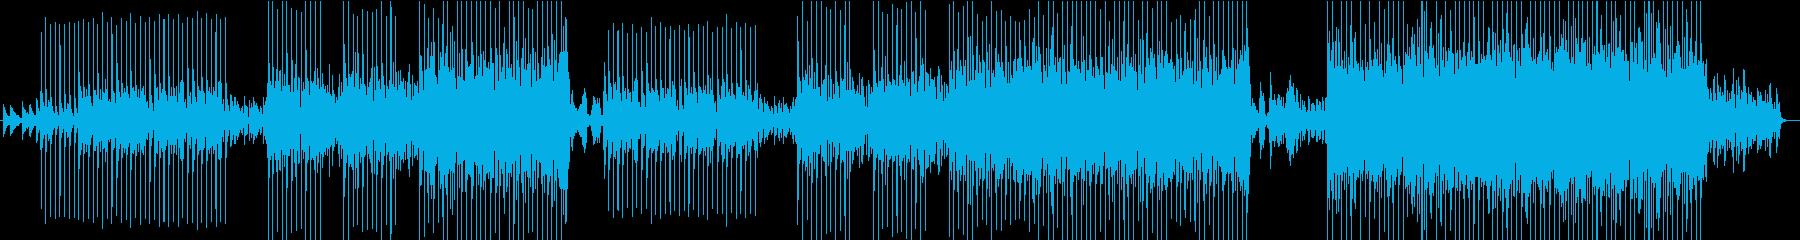 切ないラブソングの再生済みの波形